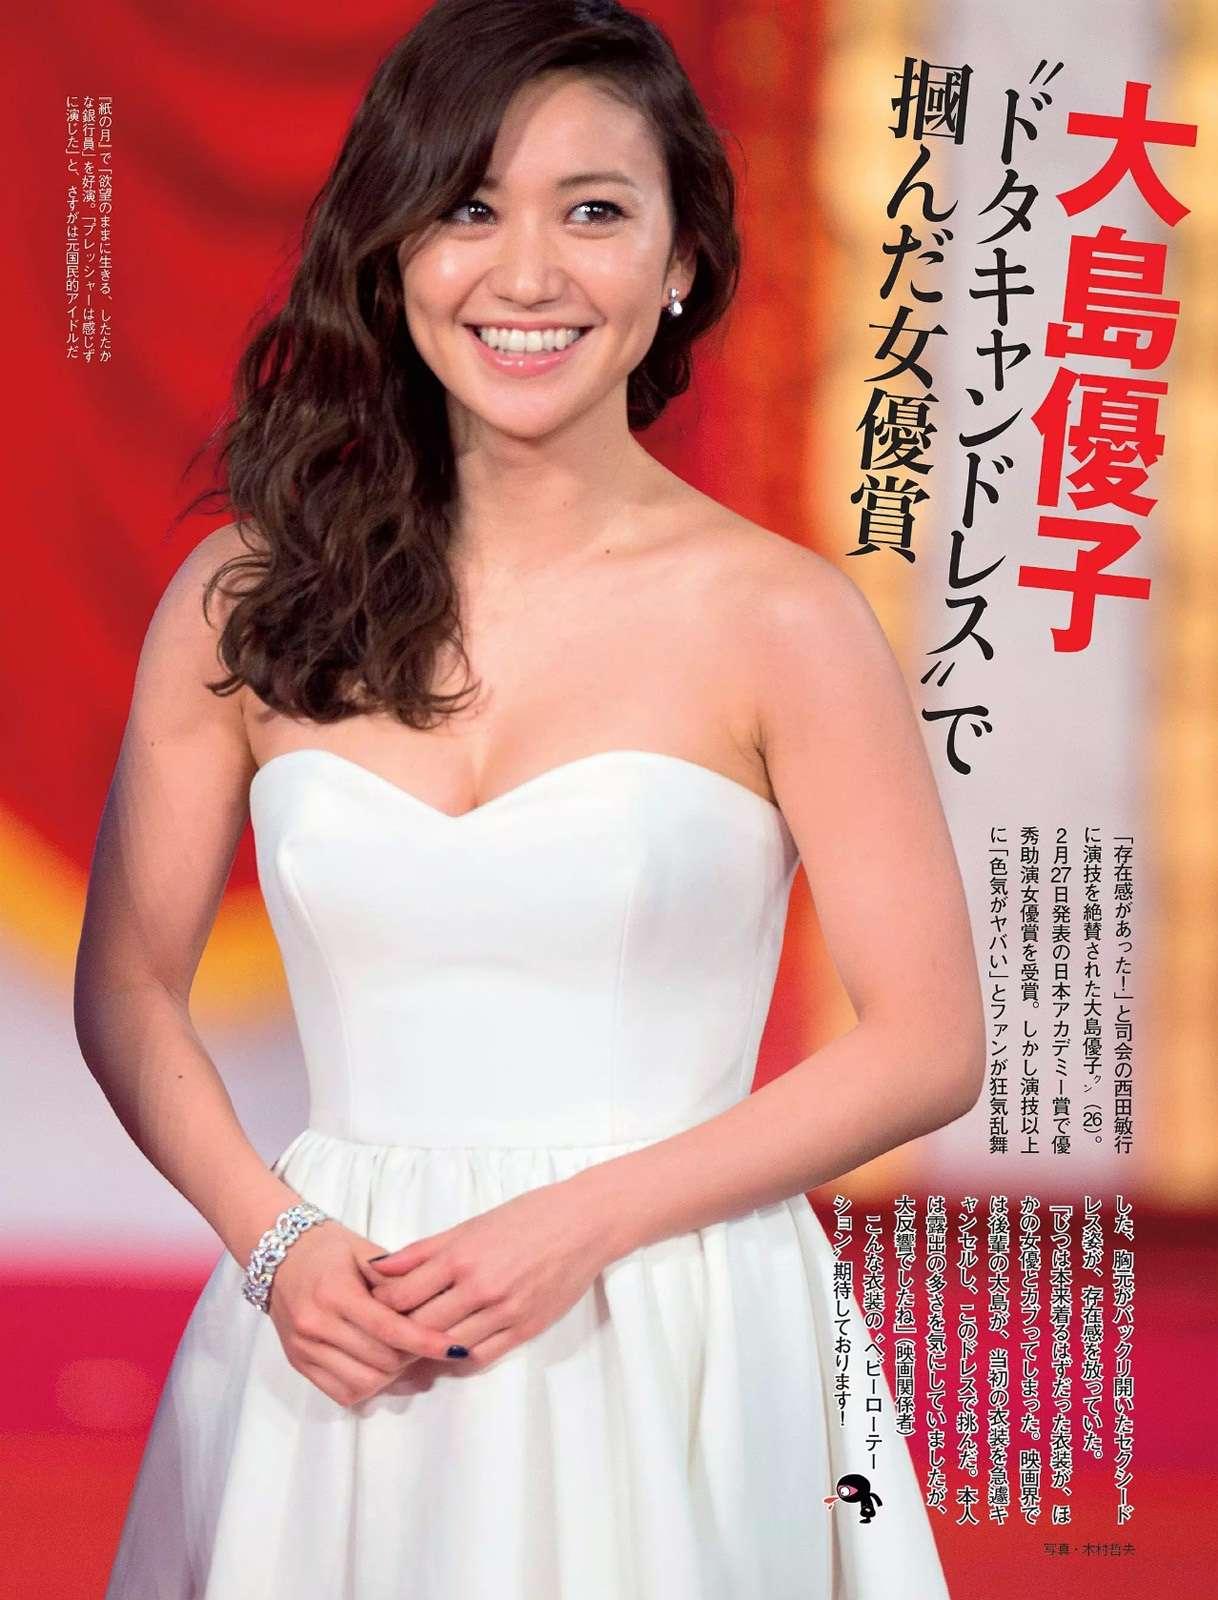 大島優子のパンチラノーブラなエロ画像が抜ける